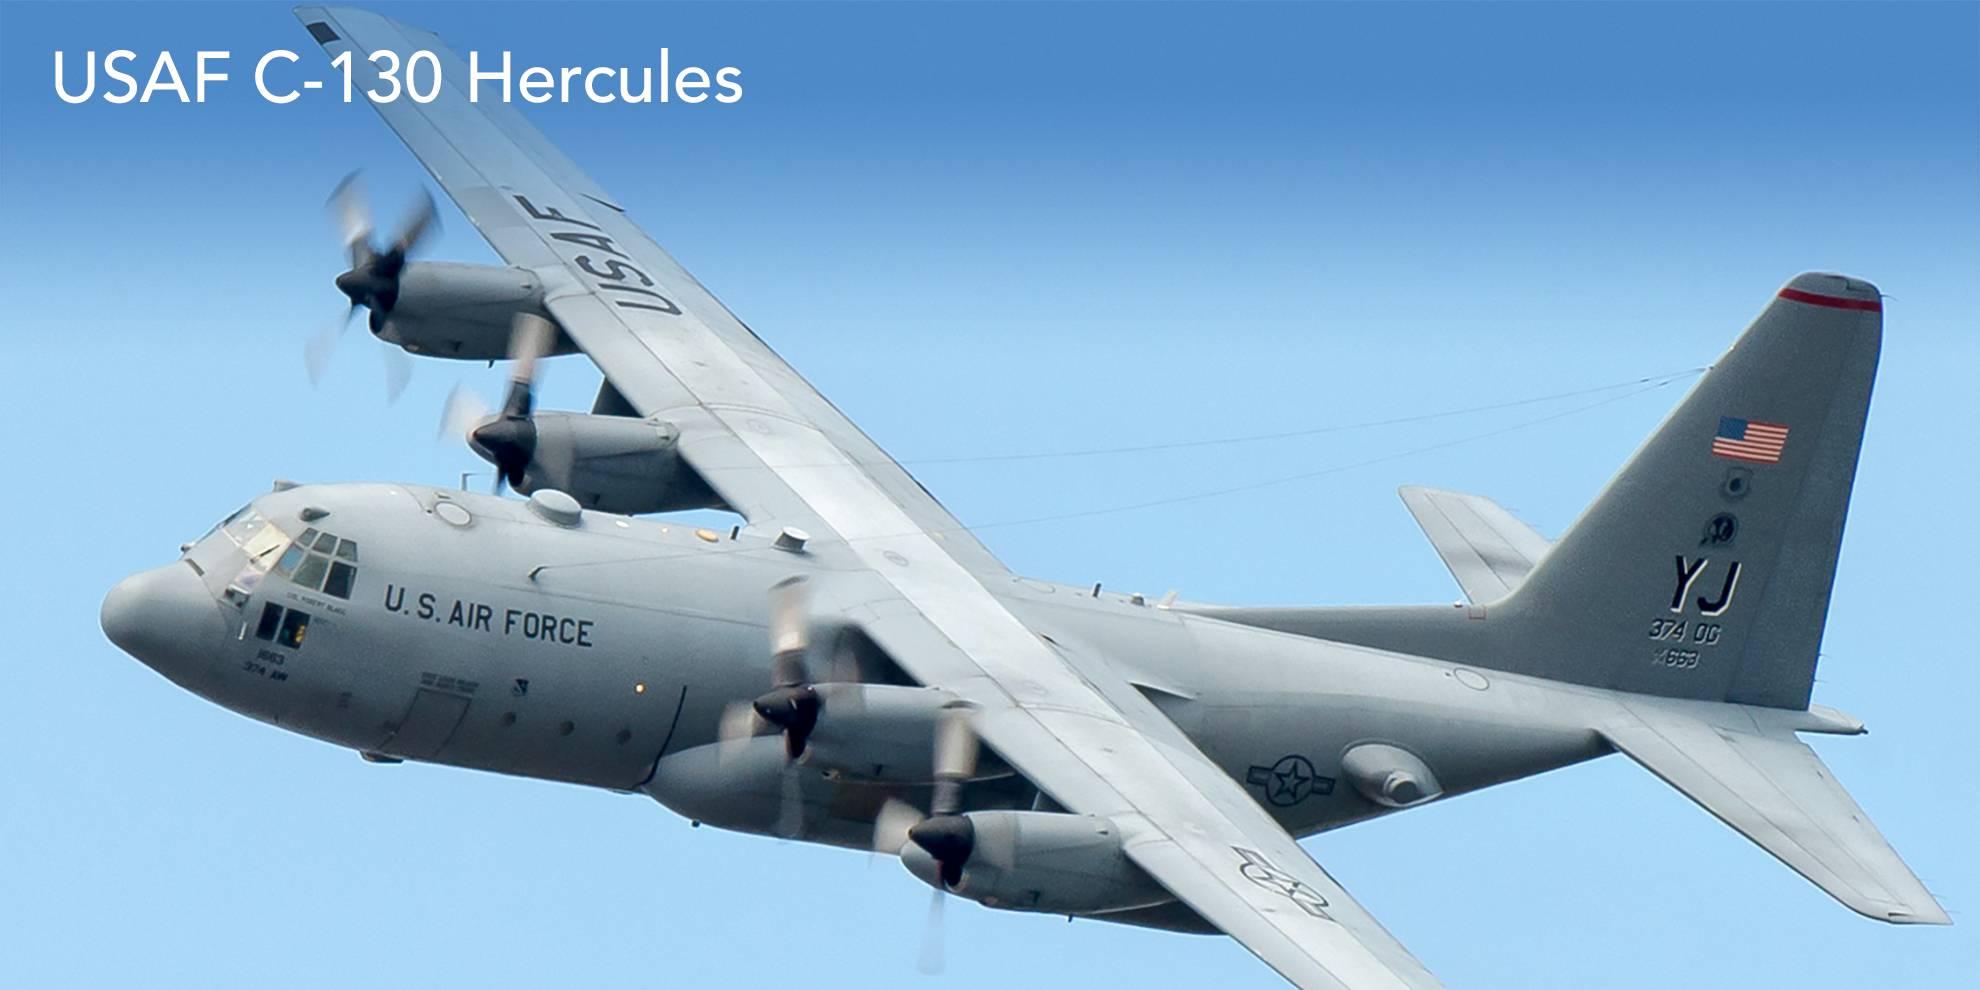 USAF C-130 Hercules